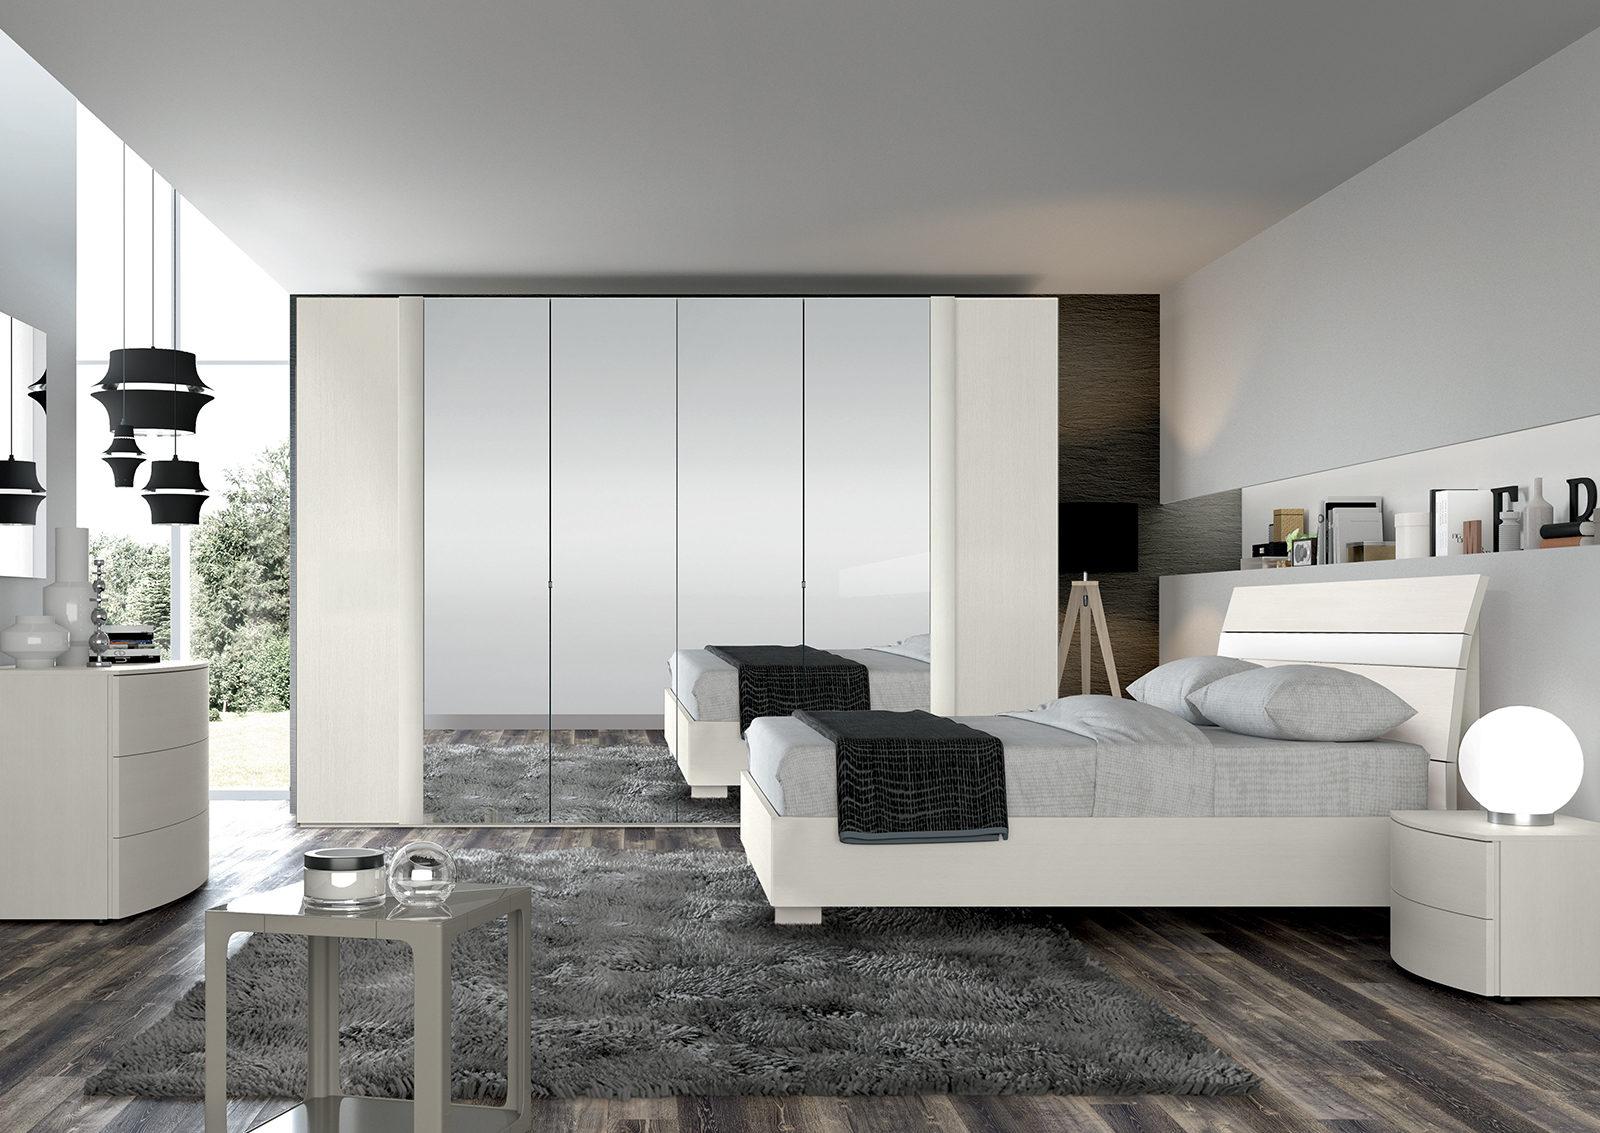 Muebles modernos Minimalistas: Salas Modernas, Recamaras Modernas ...